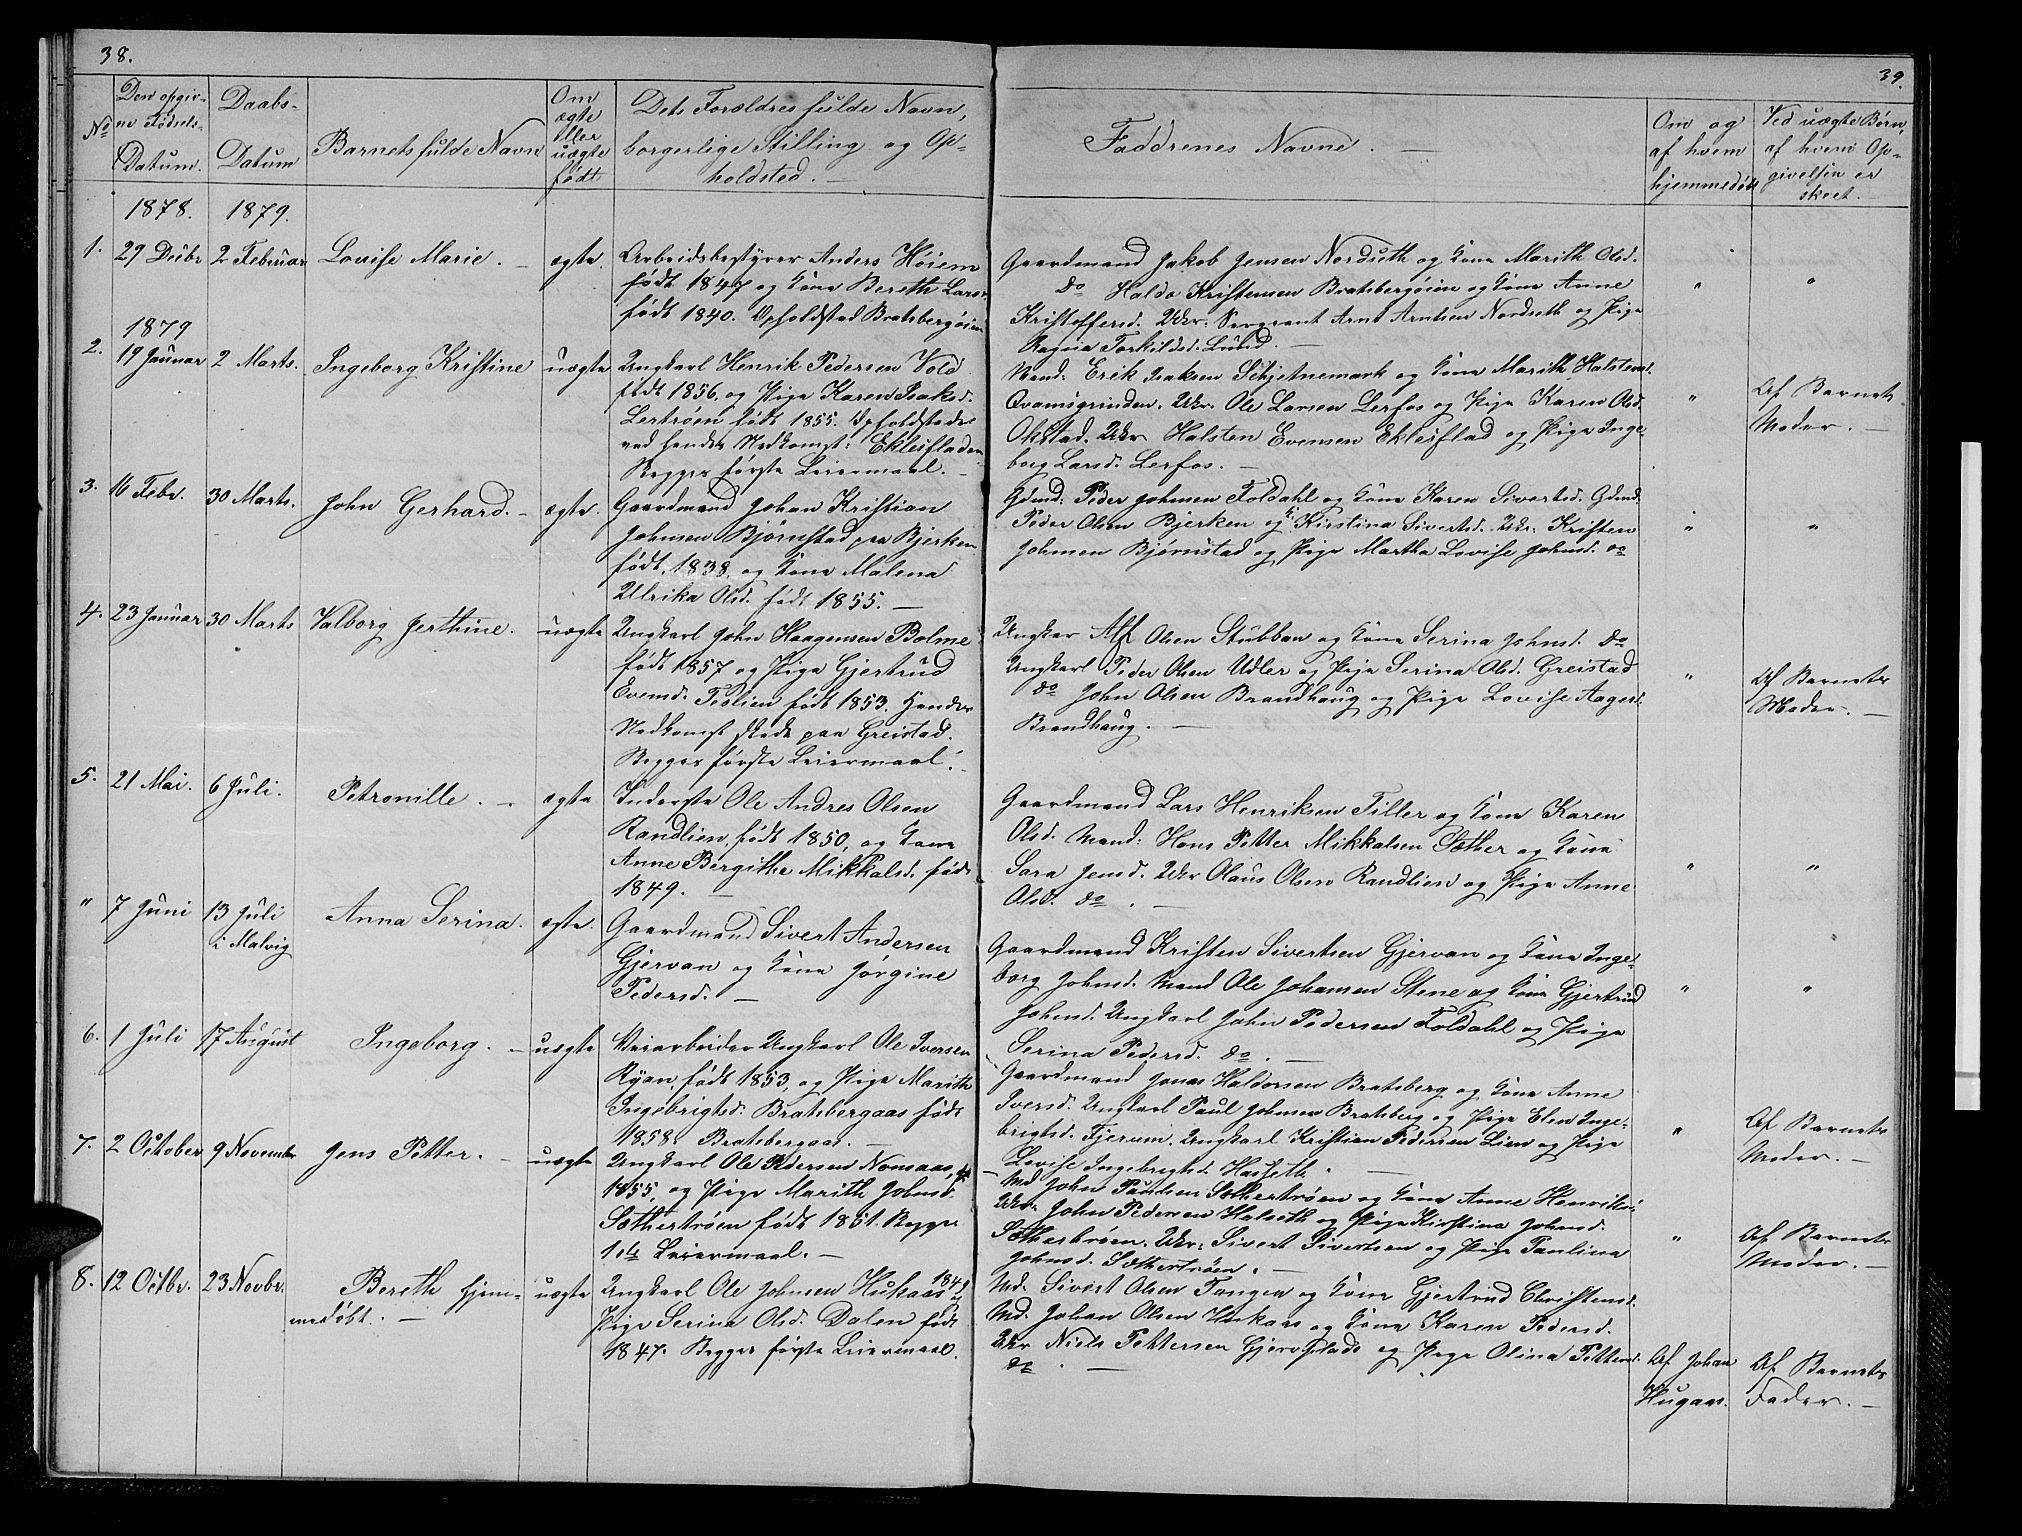 SAT, Ministerialprotokoller, klokkerbøker og fødselsregistre - Sør-Trøndelag, 608/L0340: Klokkerbok nr. 608C06, 1864-1889, s. 38-39